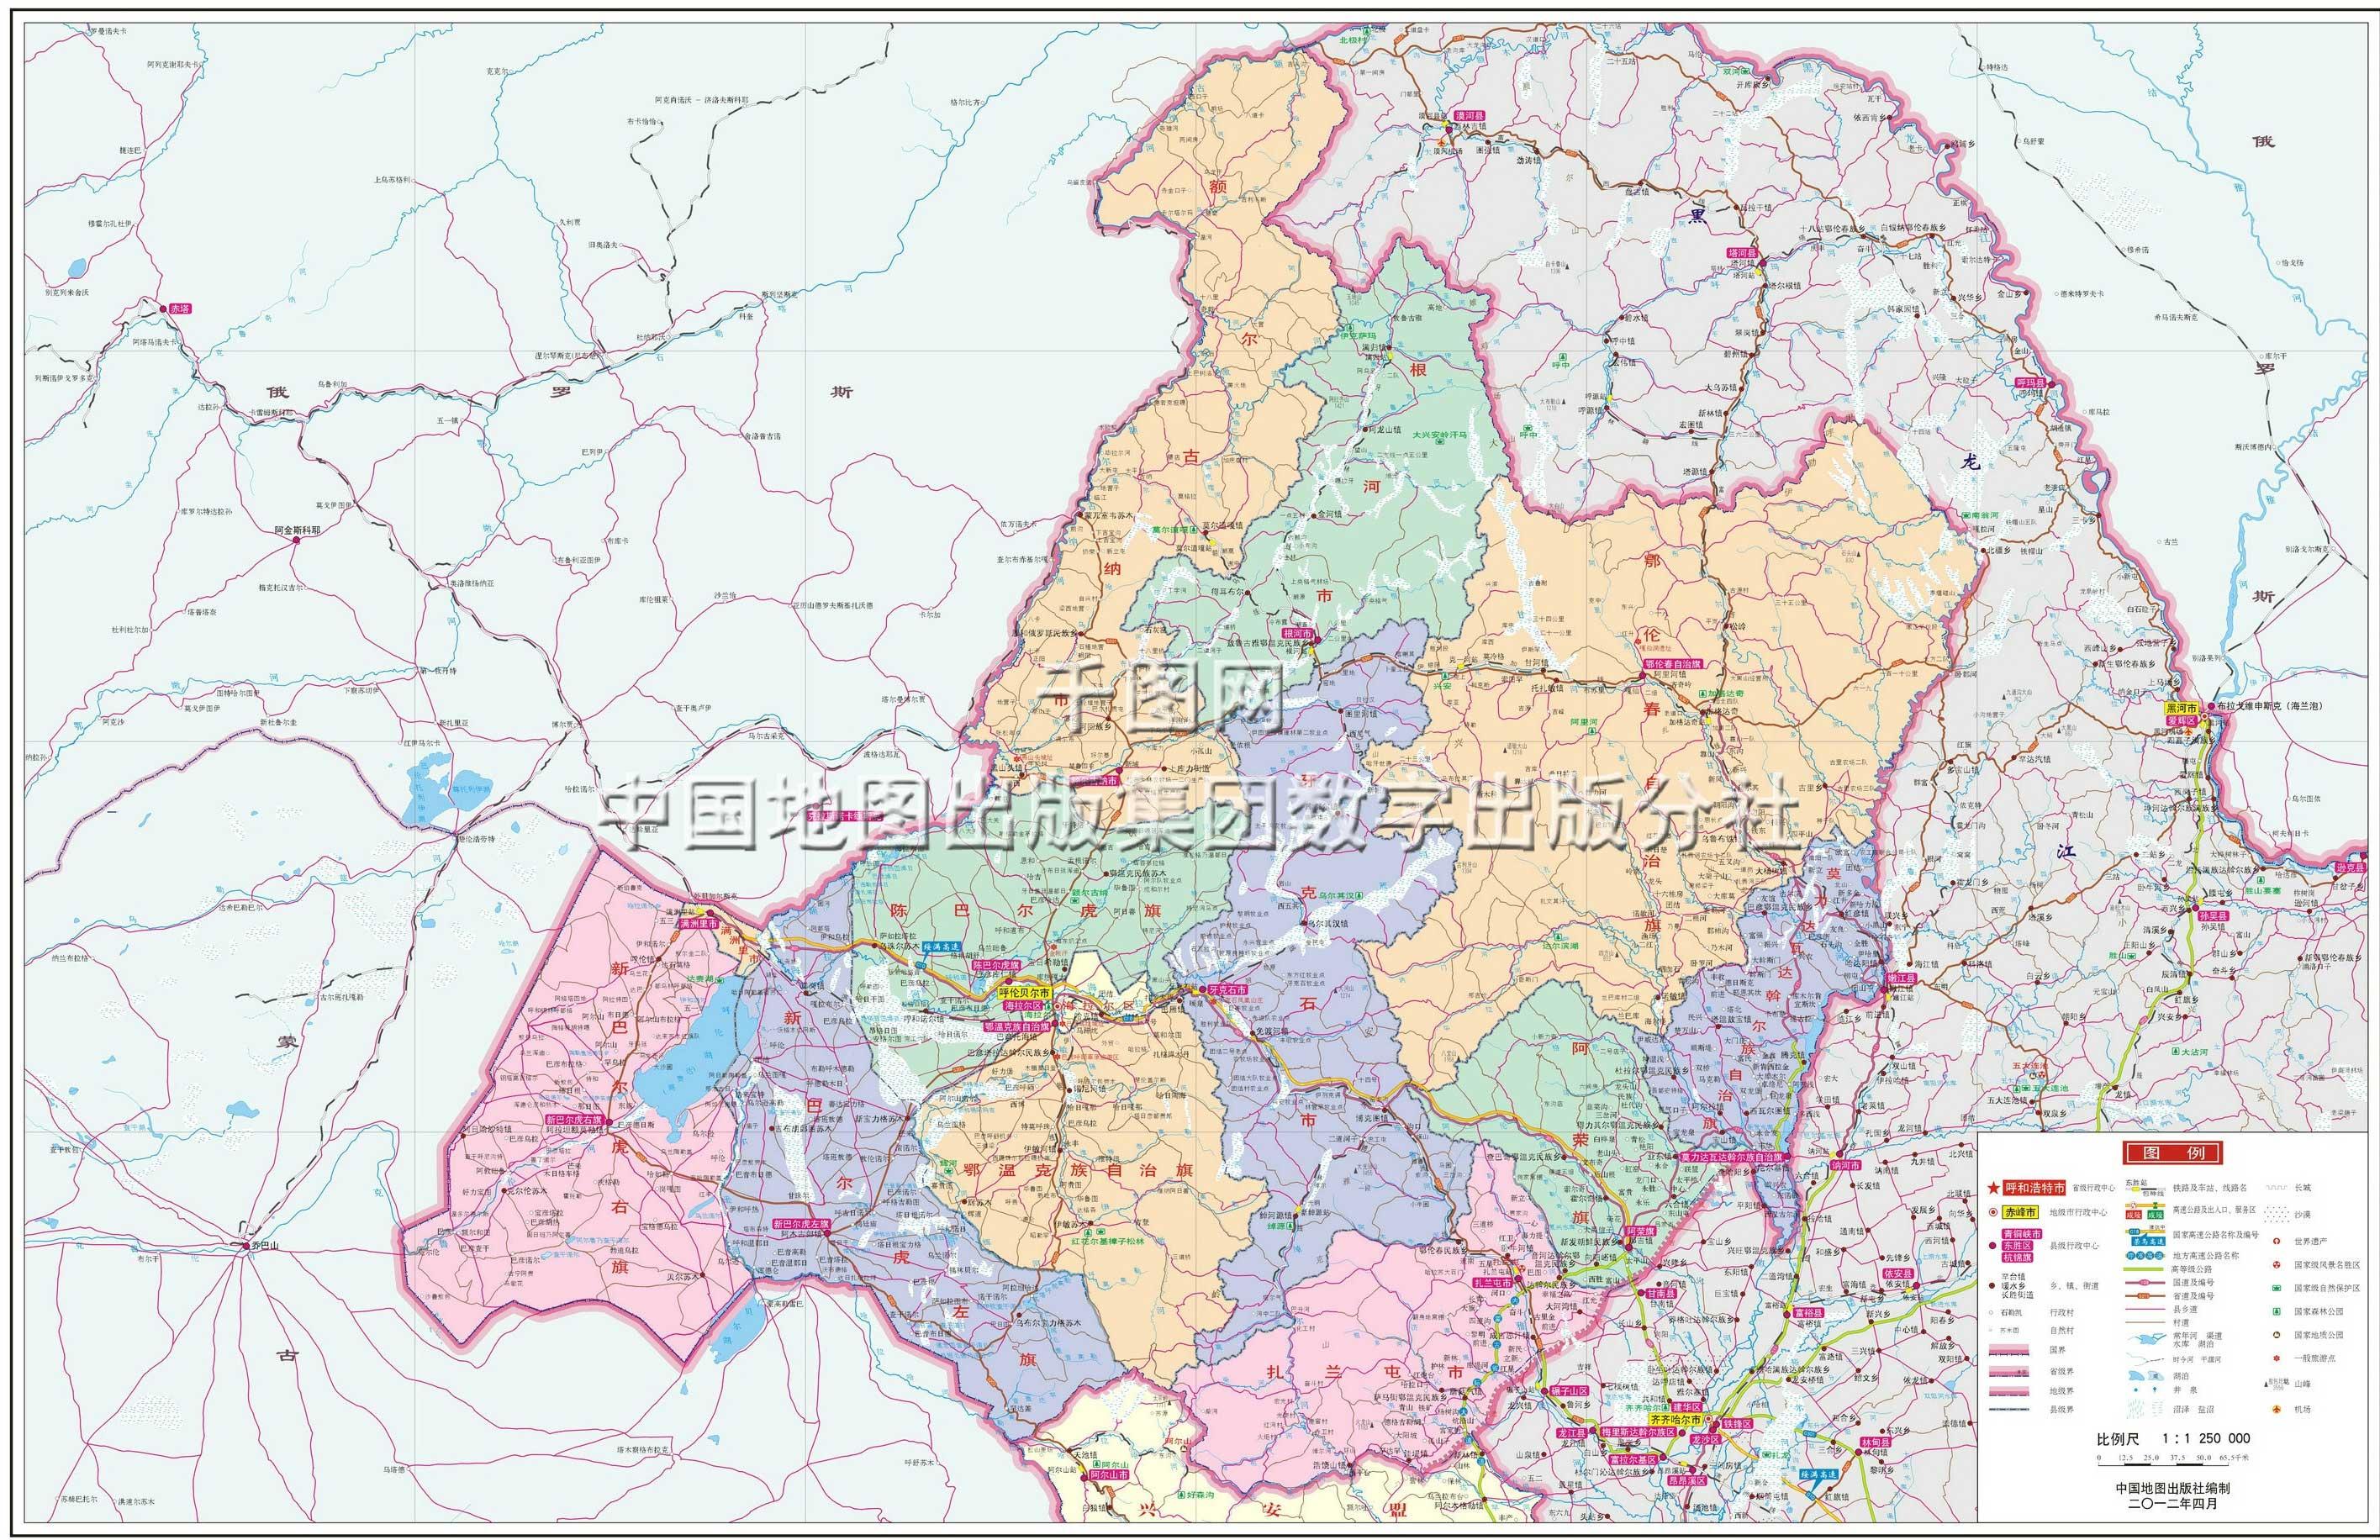 呼伦贝尔市地图高清版图片